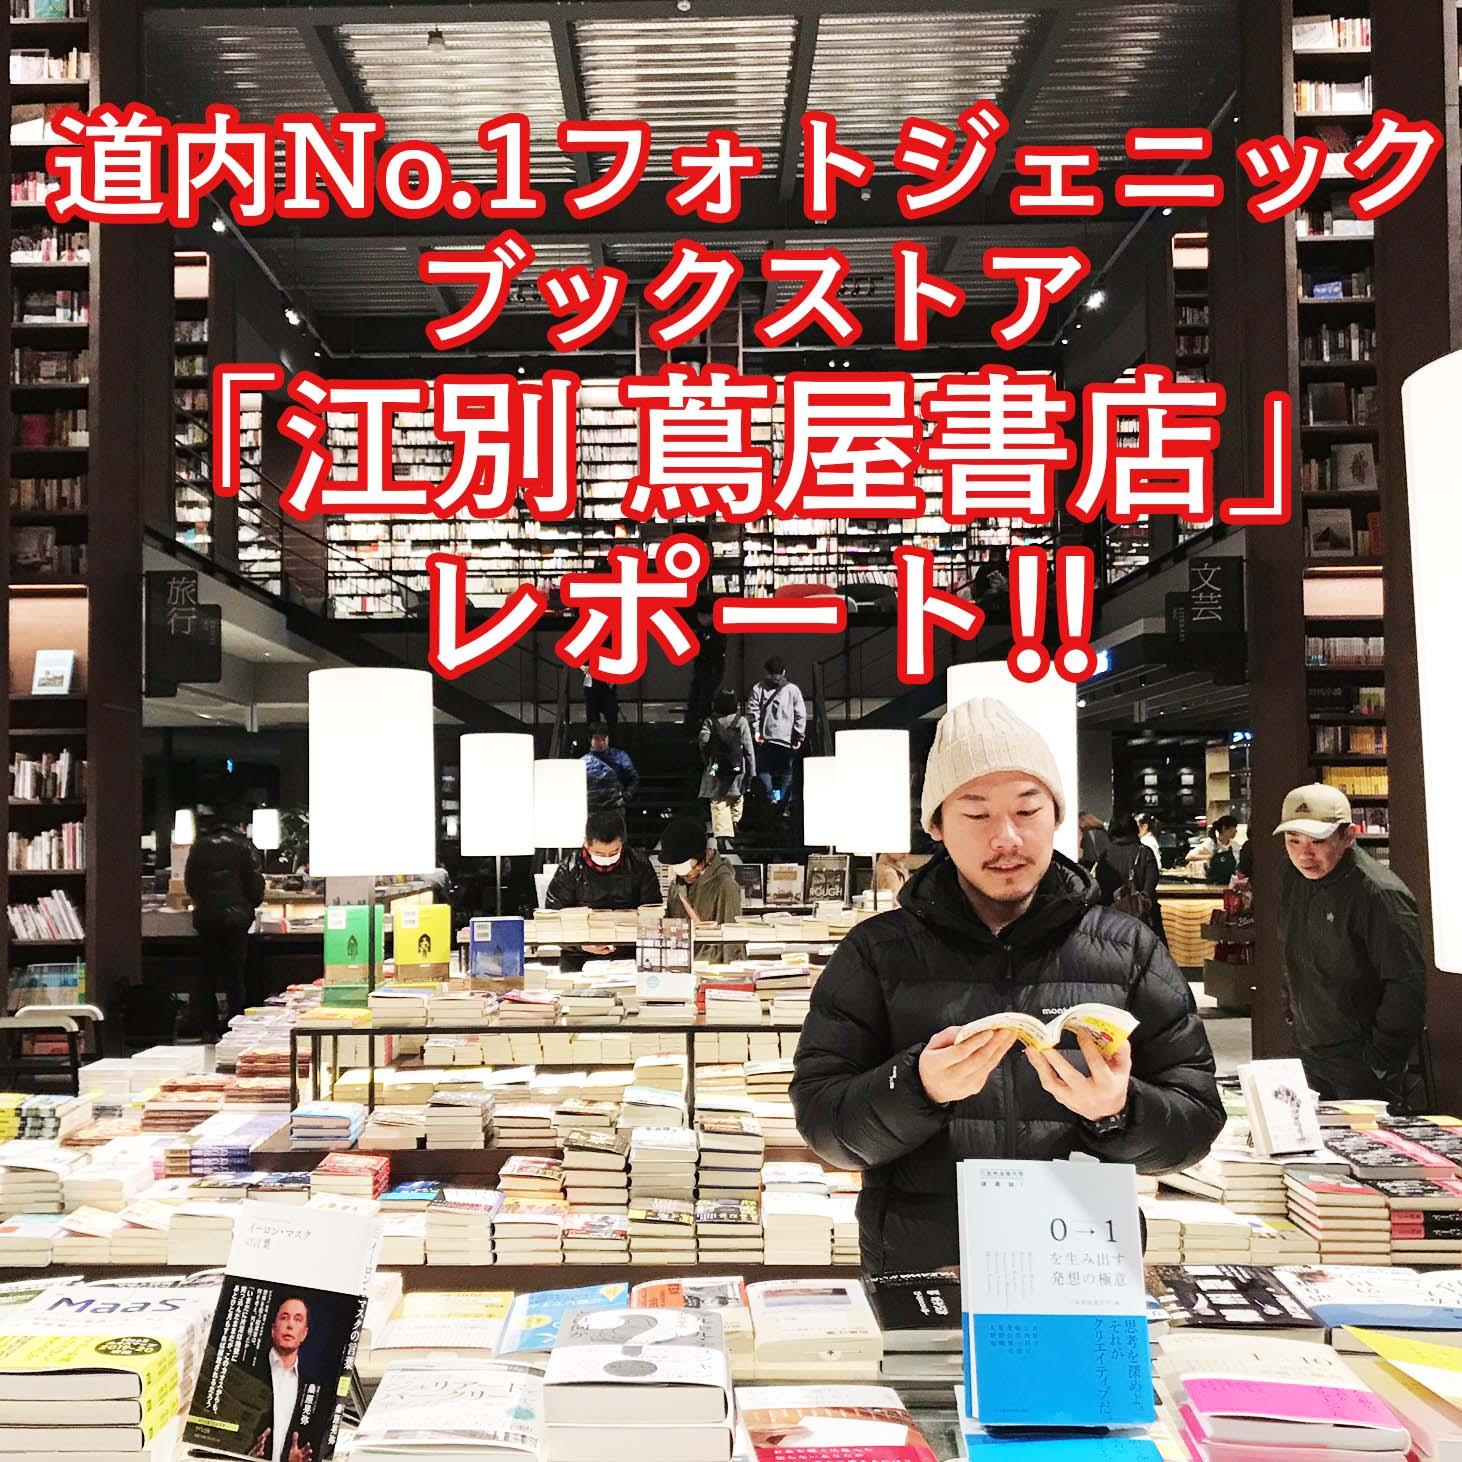 北海道No.1のフォトジェニックブックストア「江別 蔦屋書店」レポート!!